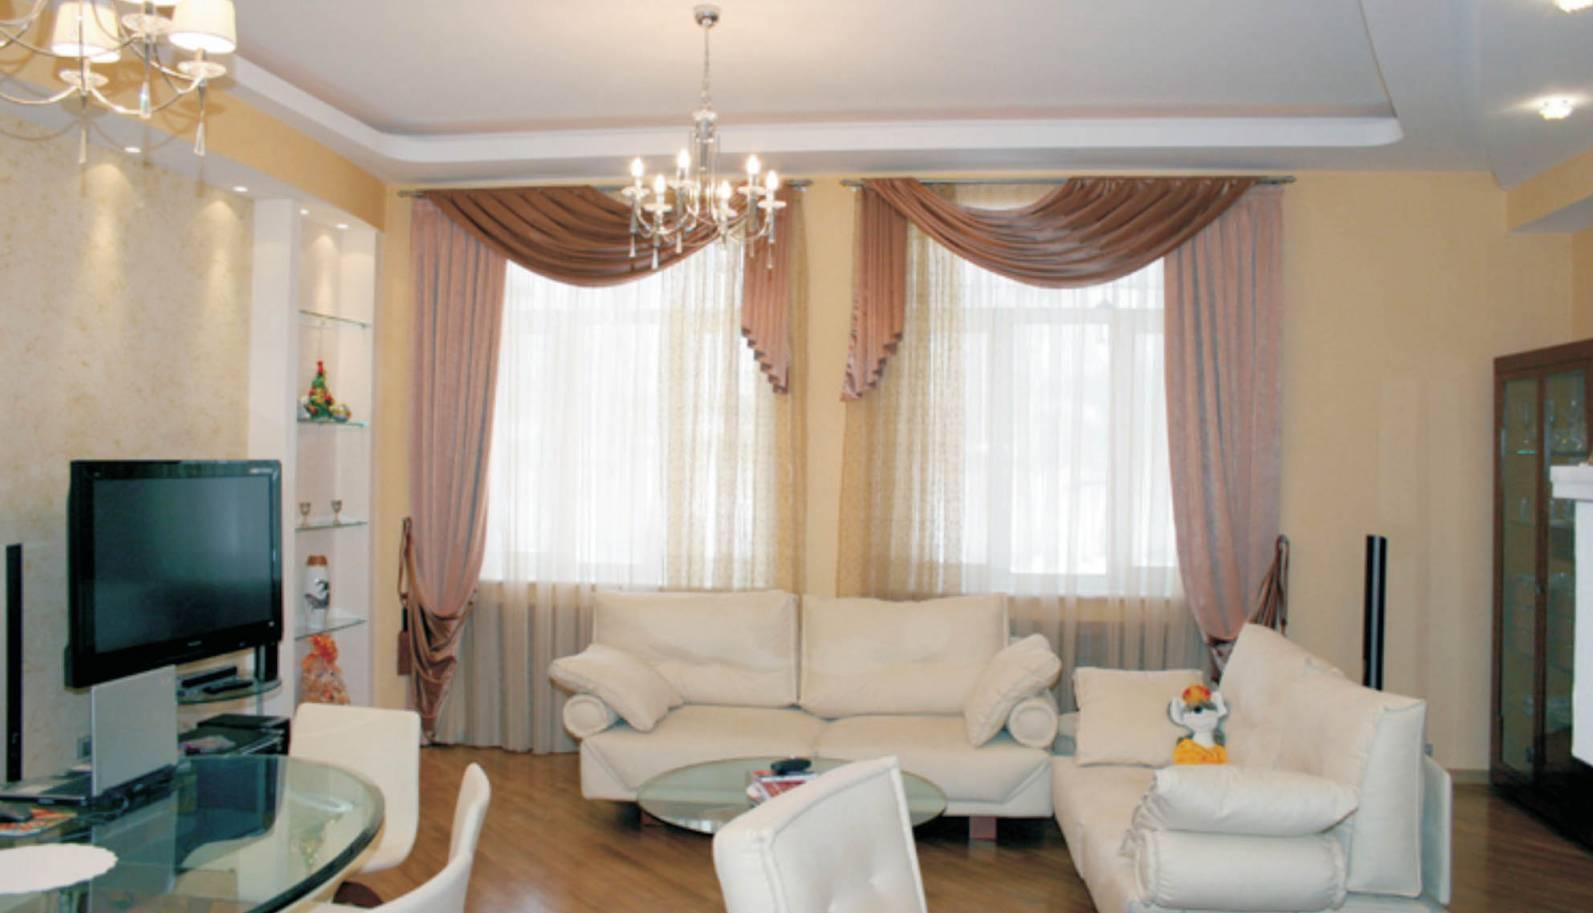 2-к квартира | Краснодар, Циолковского, р-н ФМР, 5 фото - 1